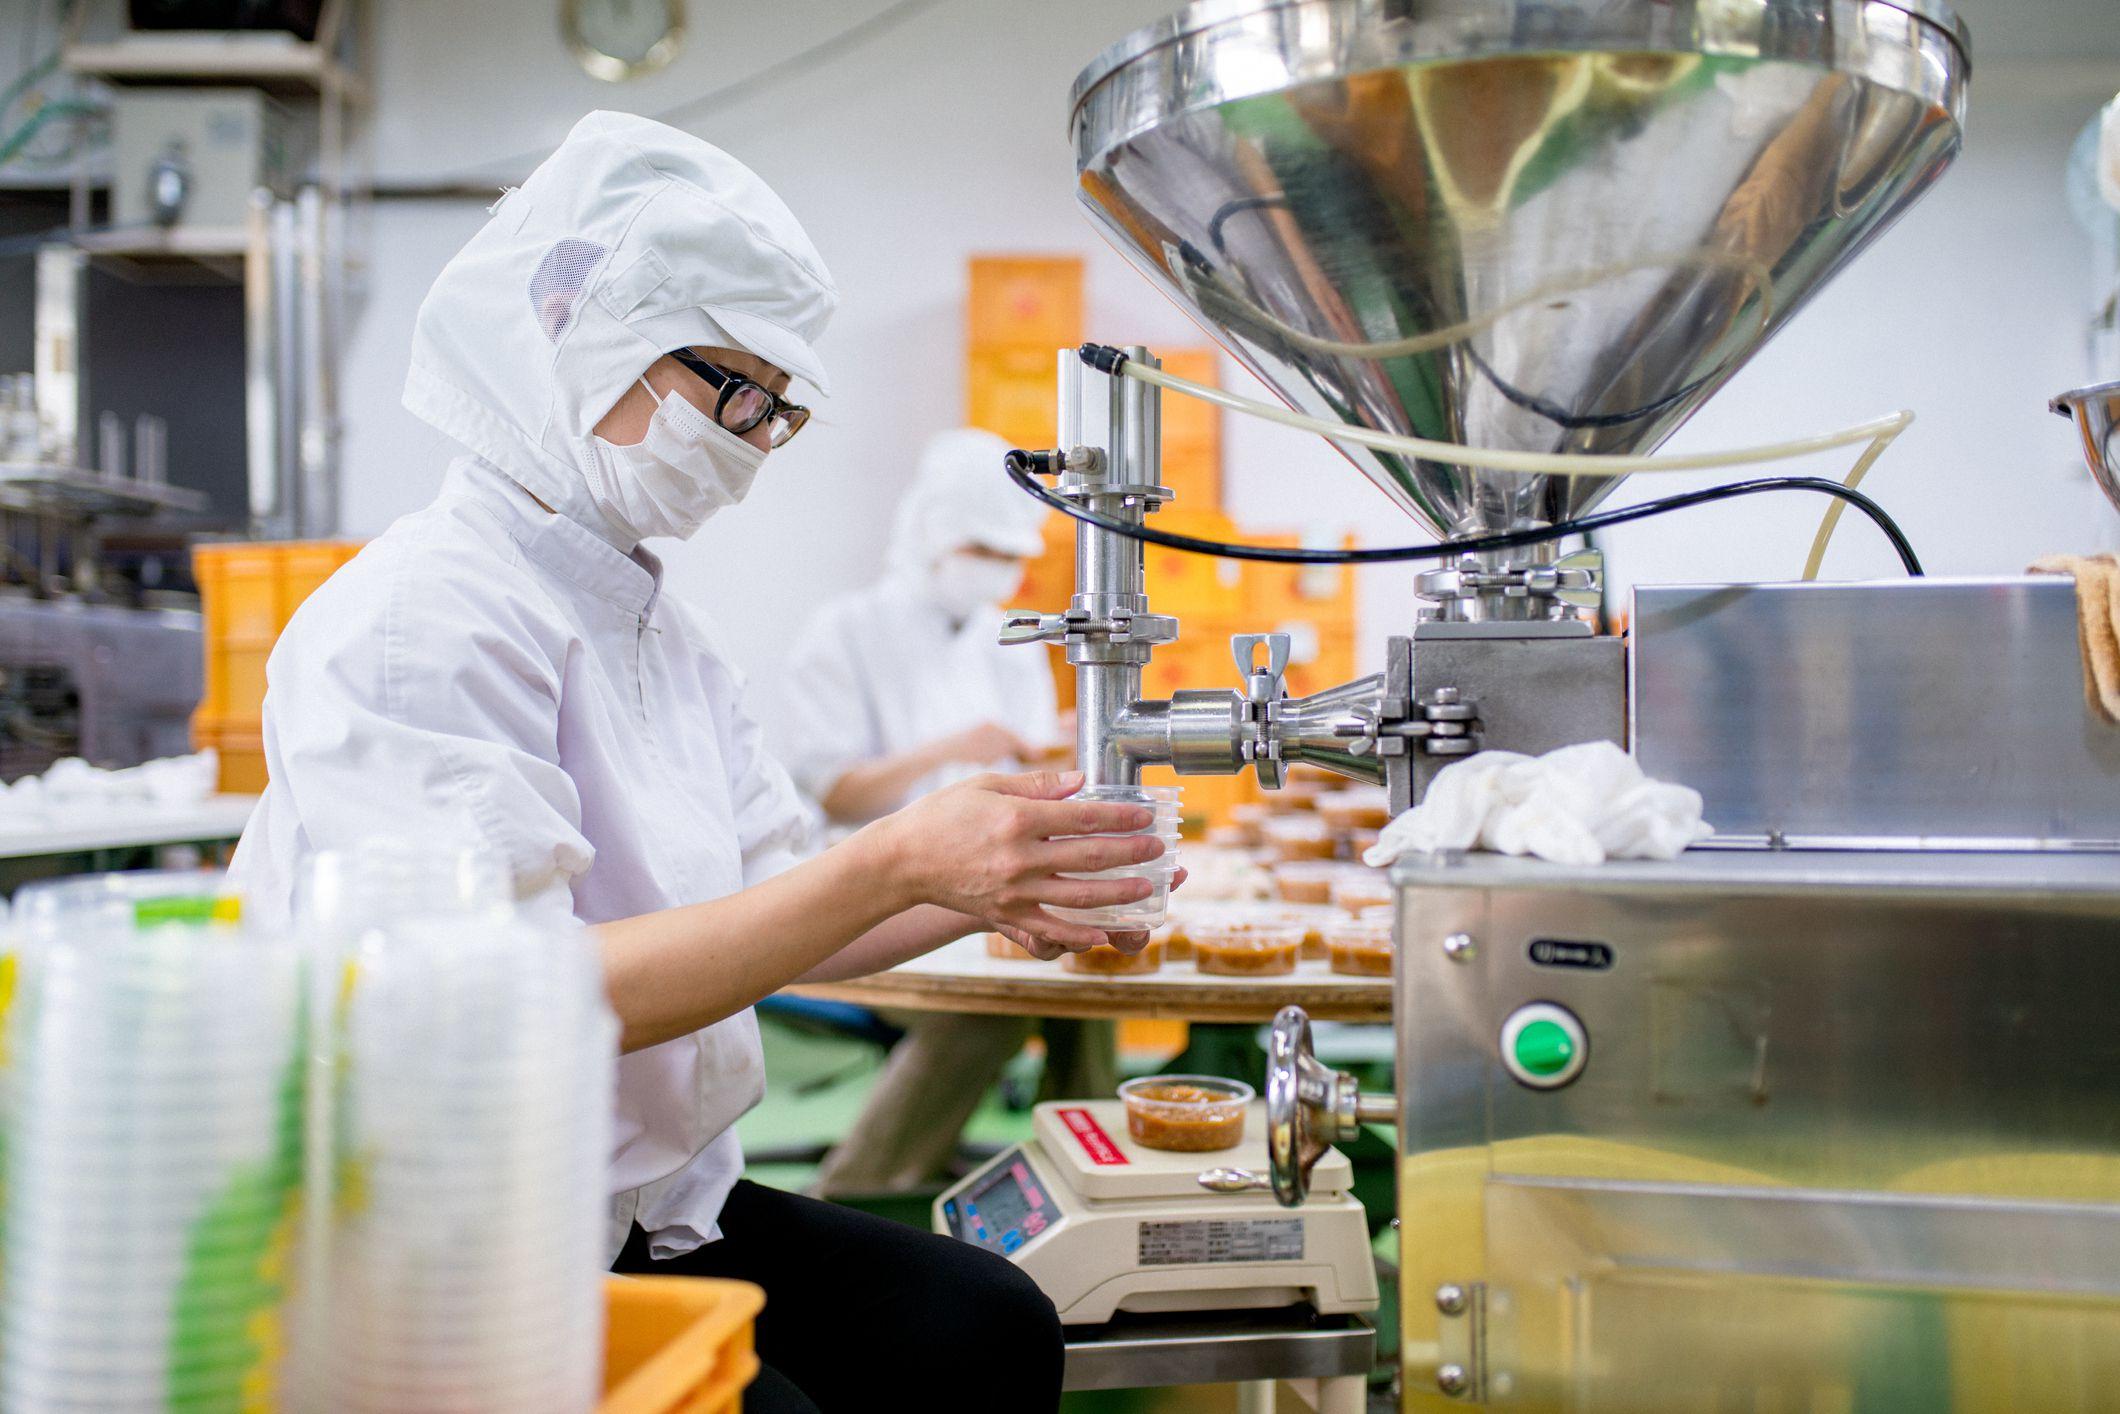 como lidar com resíduos nas indústrias alimentícias